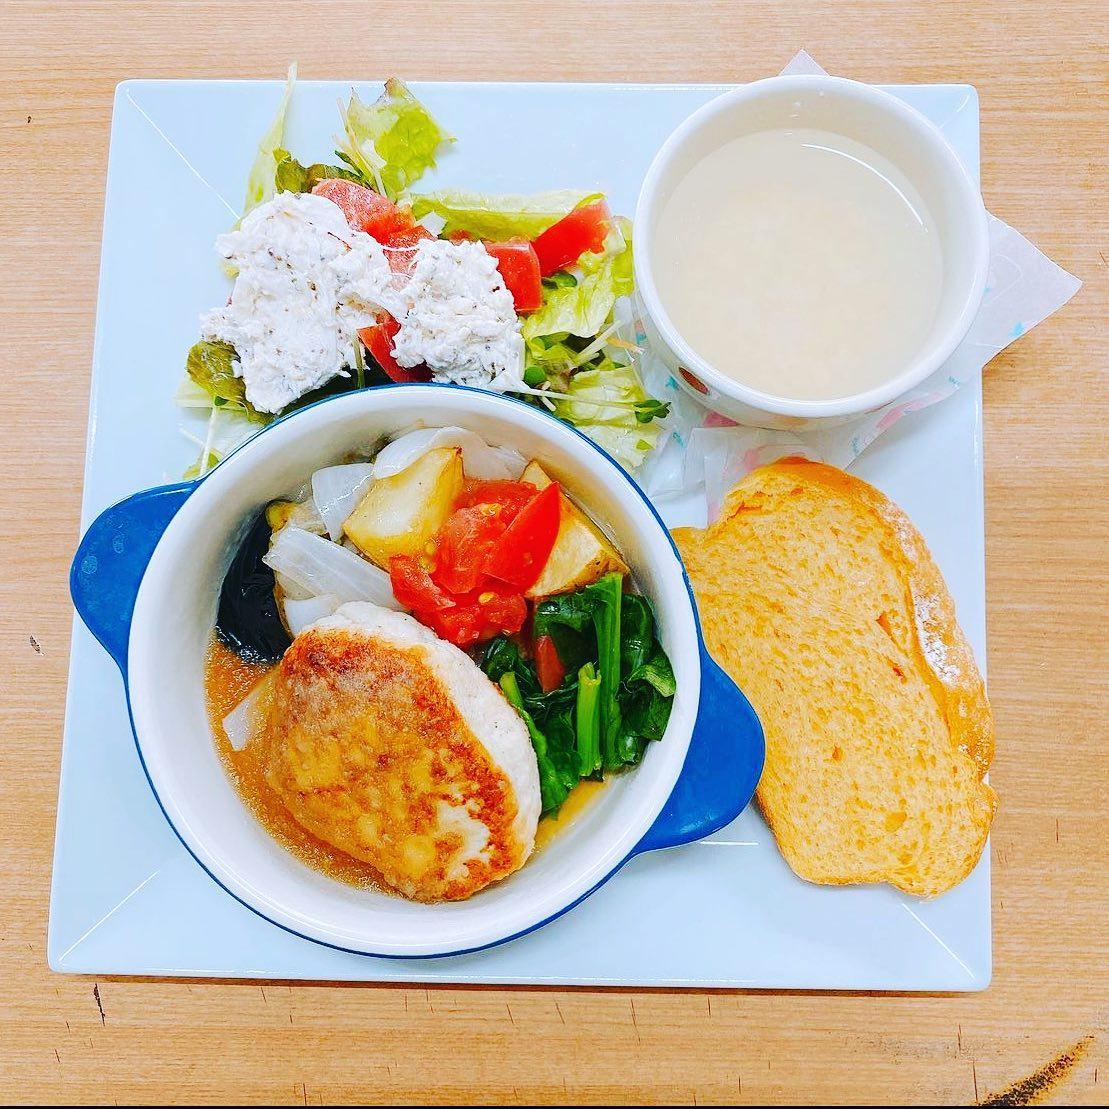 プレートランチ 豆腐ハンバーグですよ♪ なっぱ畑で人気の豆腐ハンバーグ (//∇//)